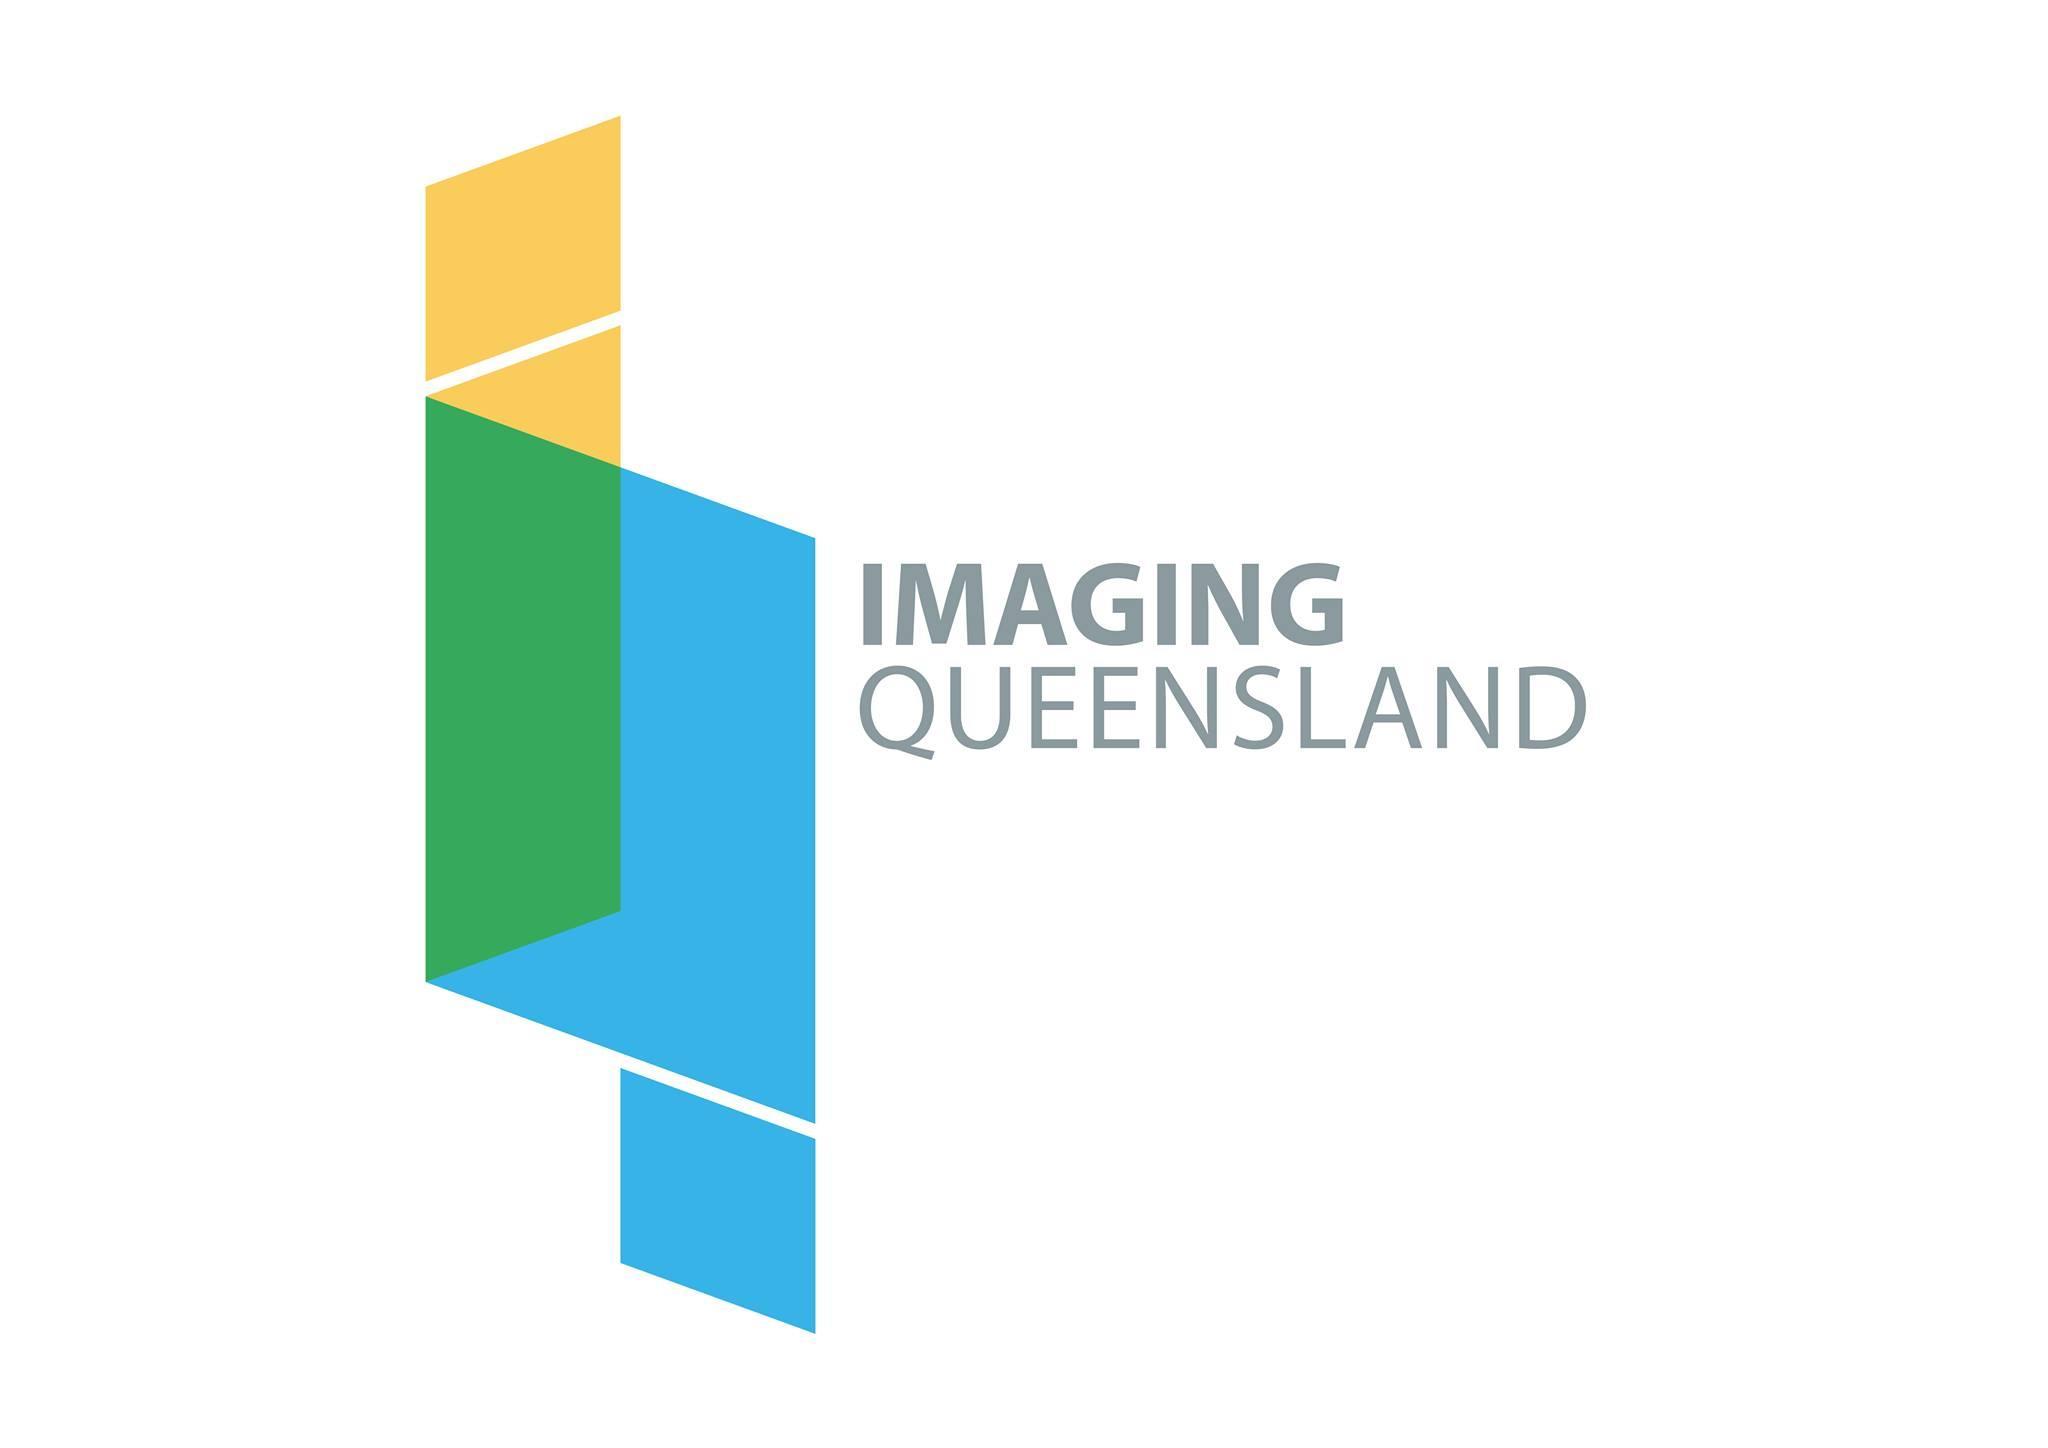 Imaging Queensland, Queensland, Australia